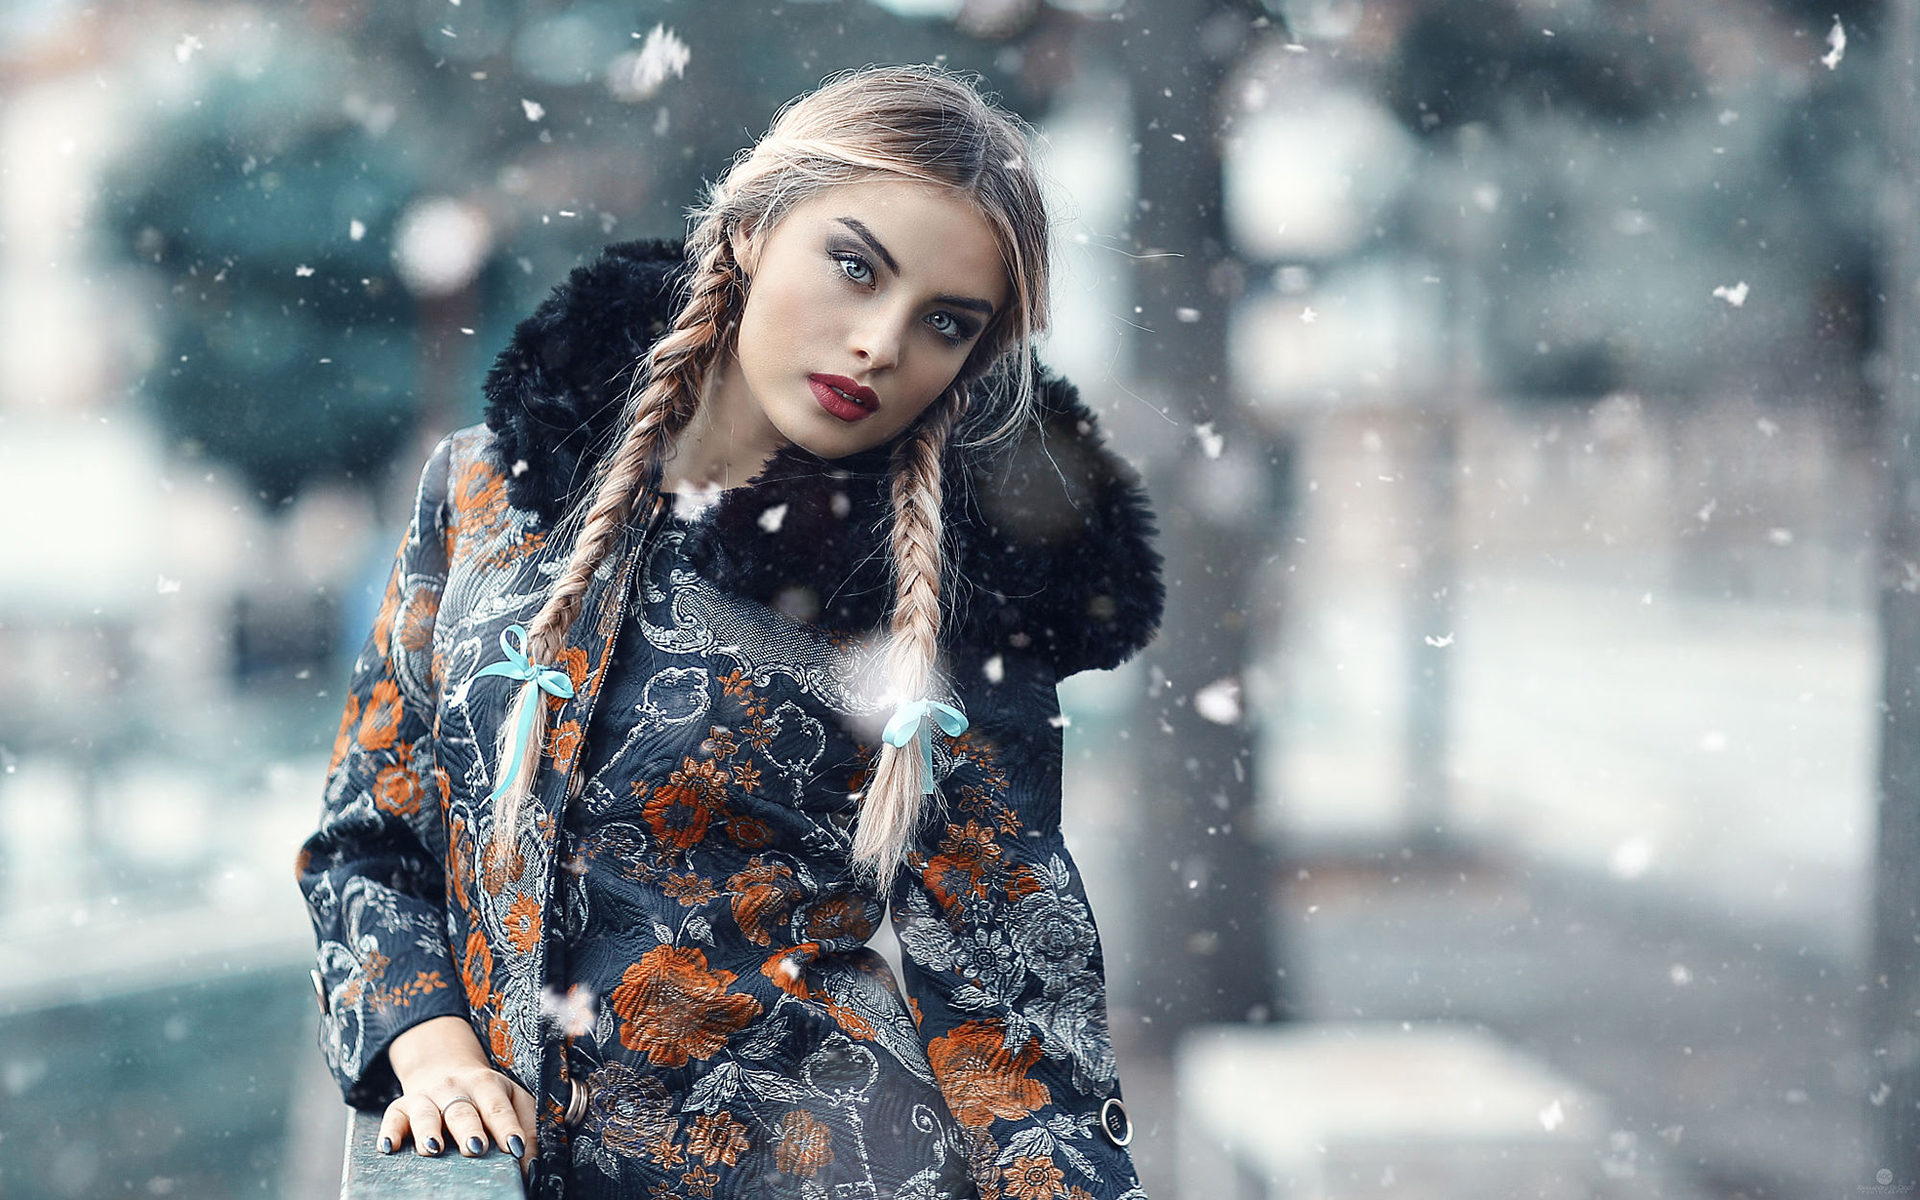 как фотографировать зимой со снегом портрет большую кастрюлю наберите